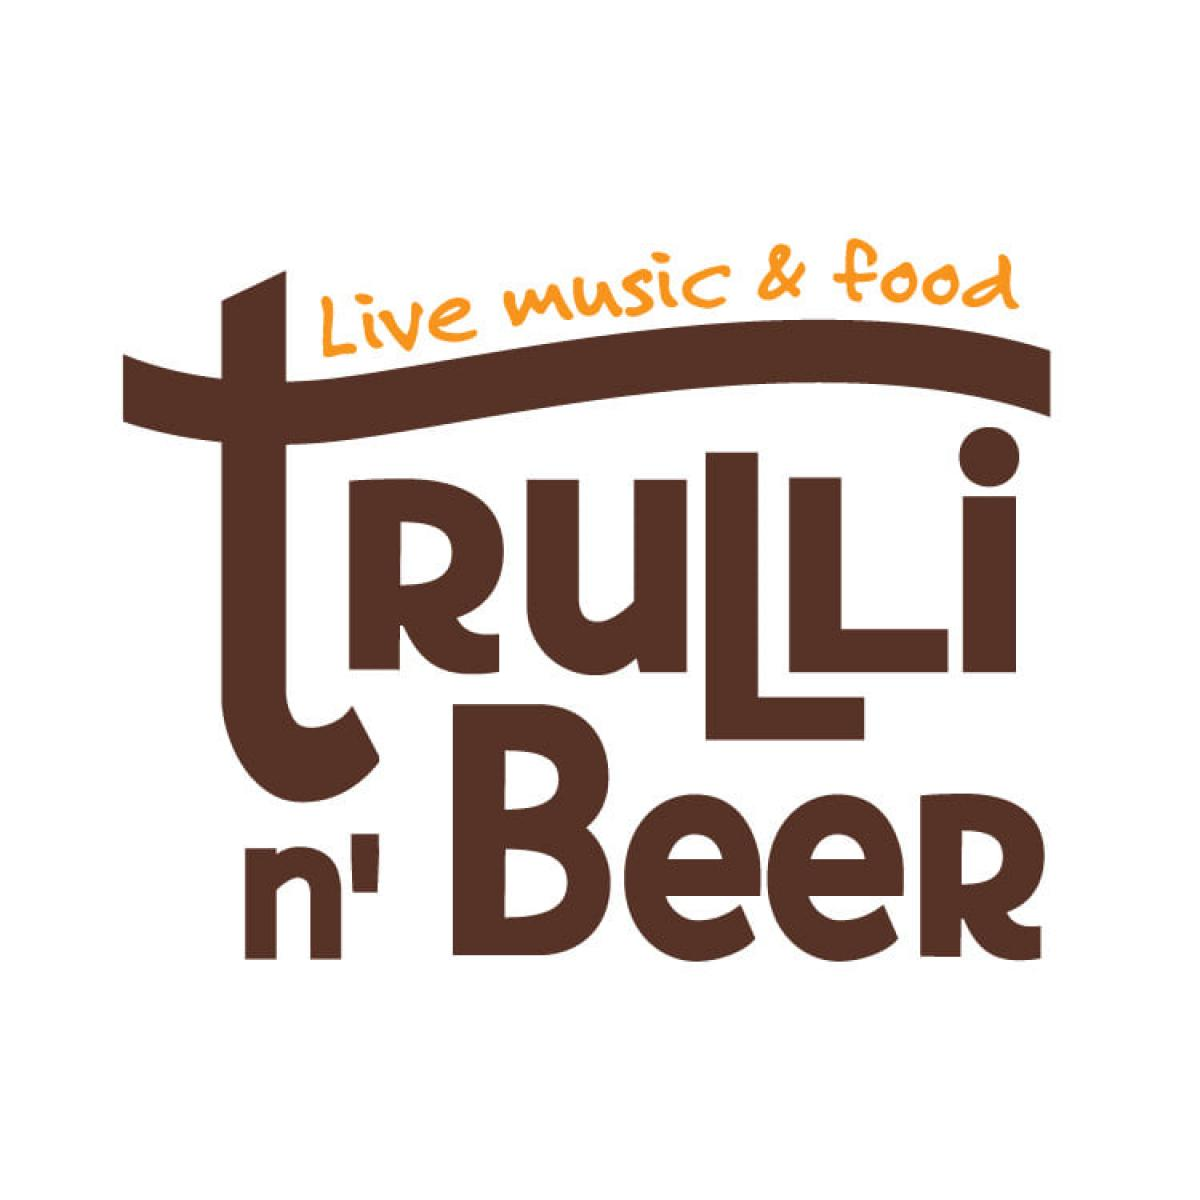 Trulli'n'beer